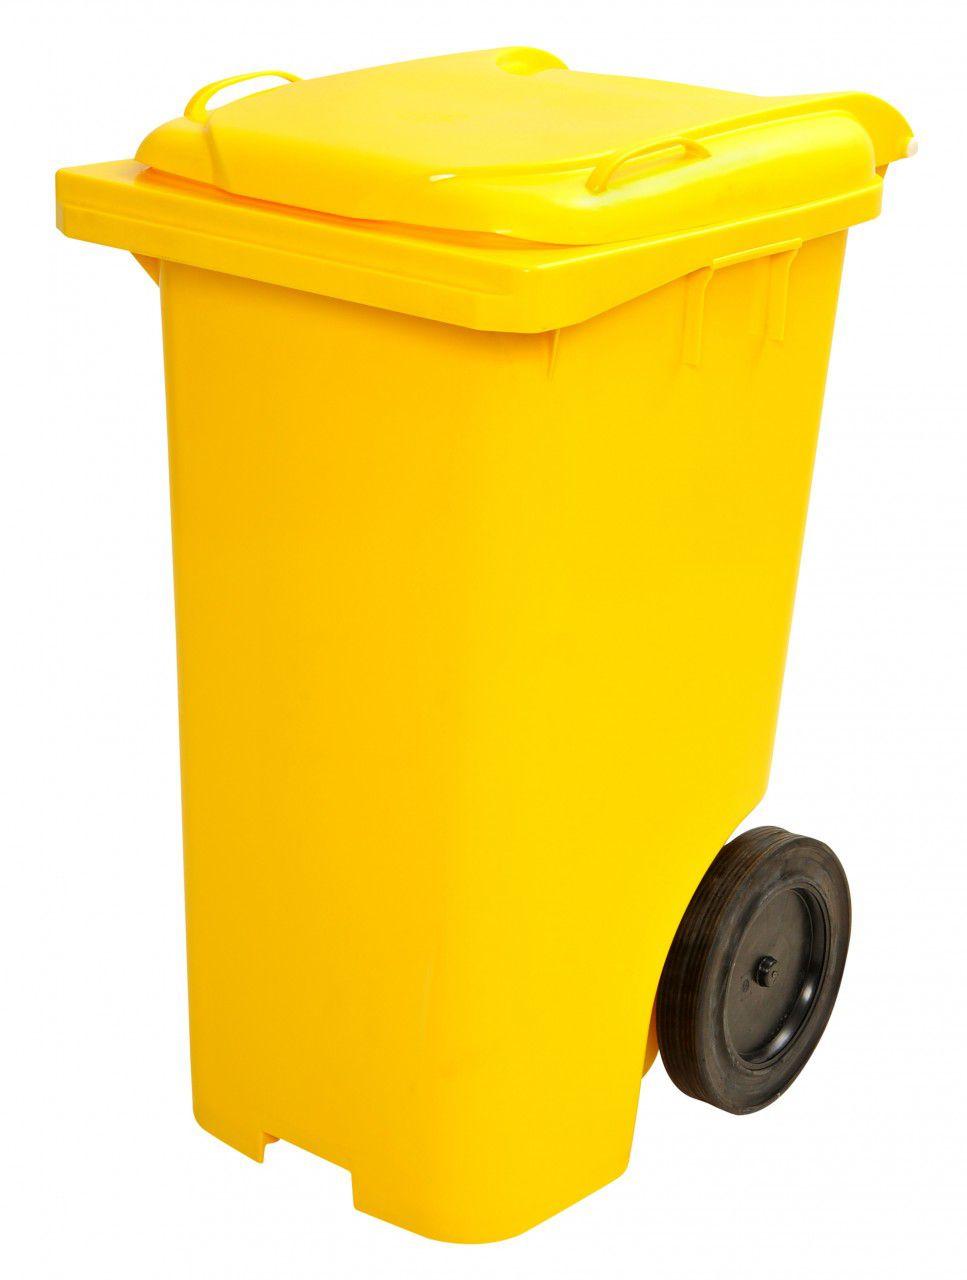 Lixeira Gari JSN Colorida - 120 / 240 litros